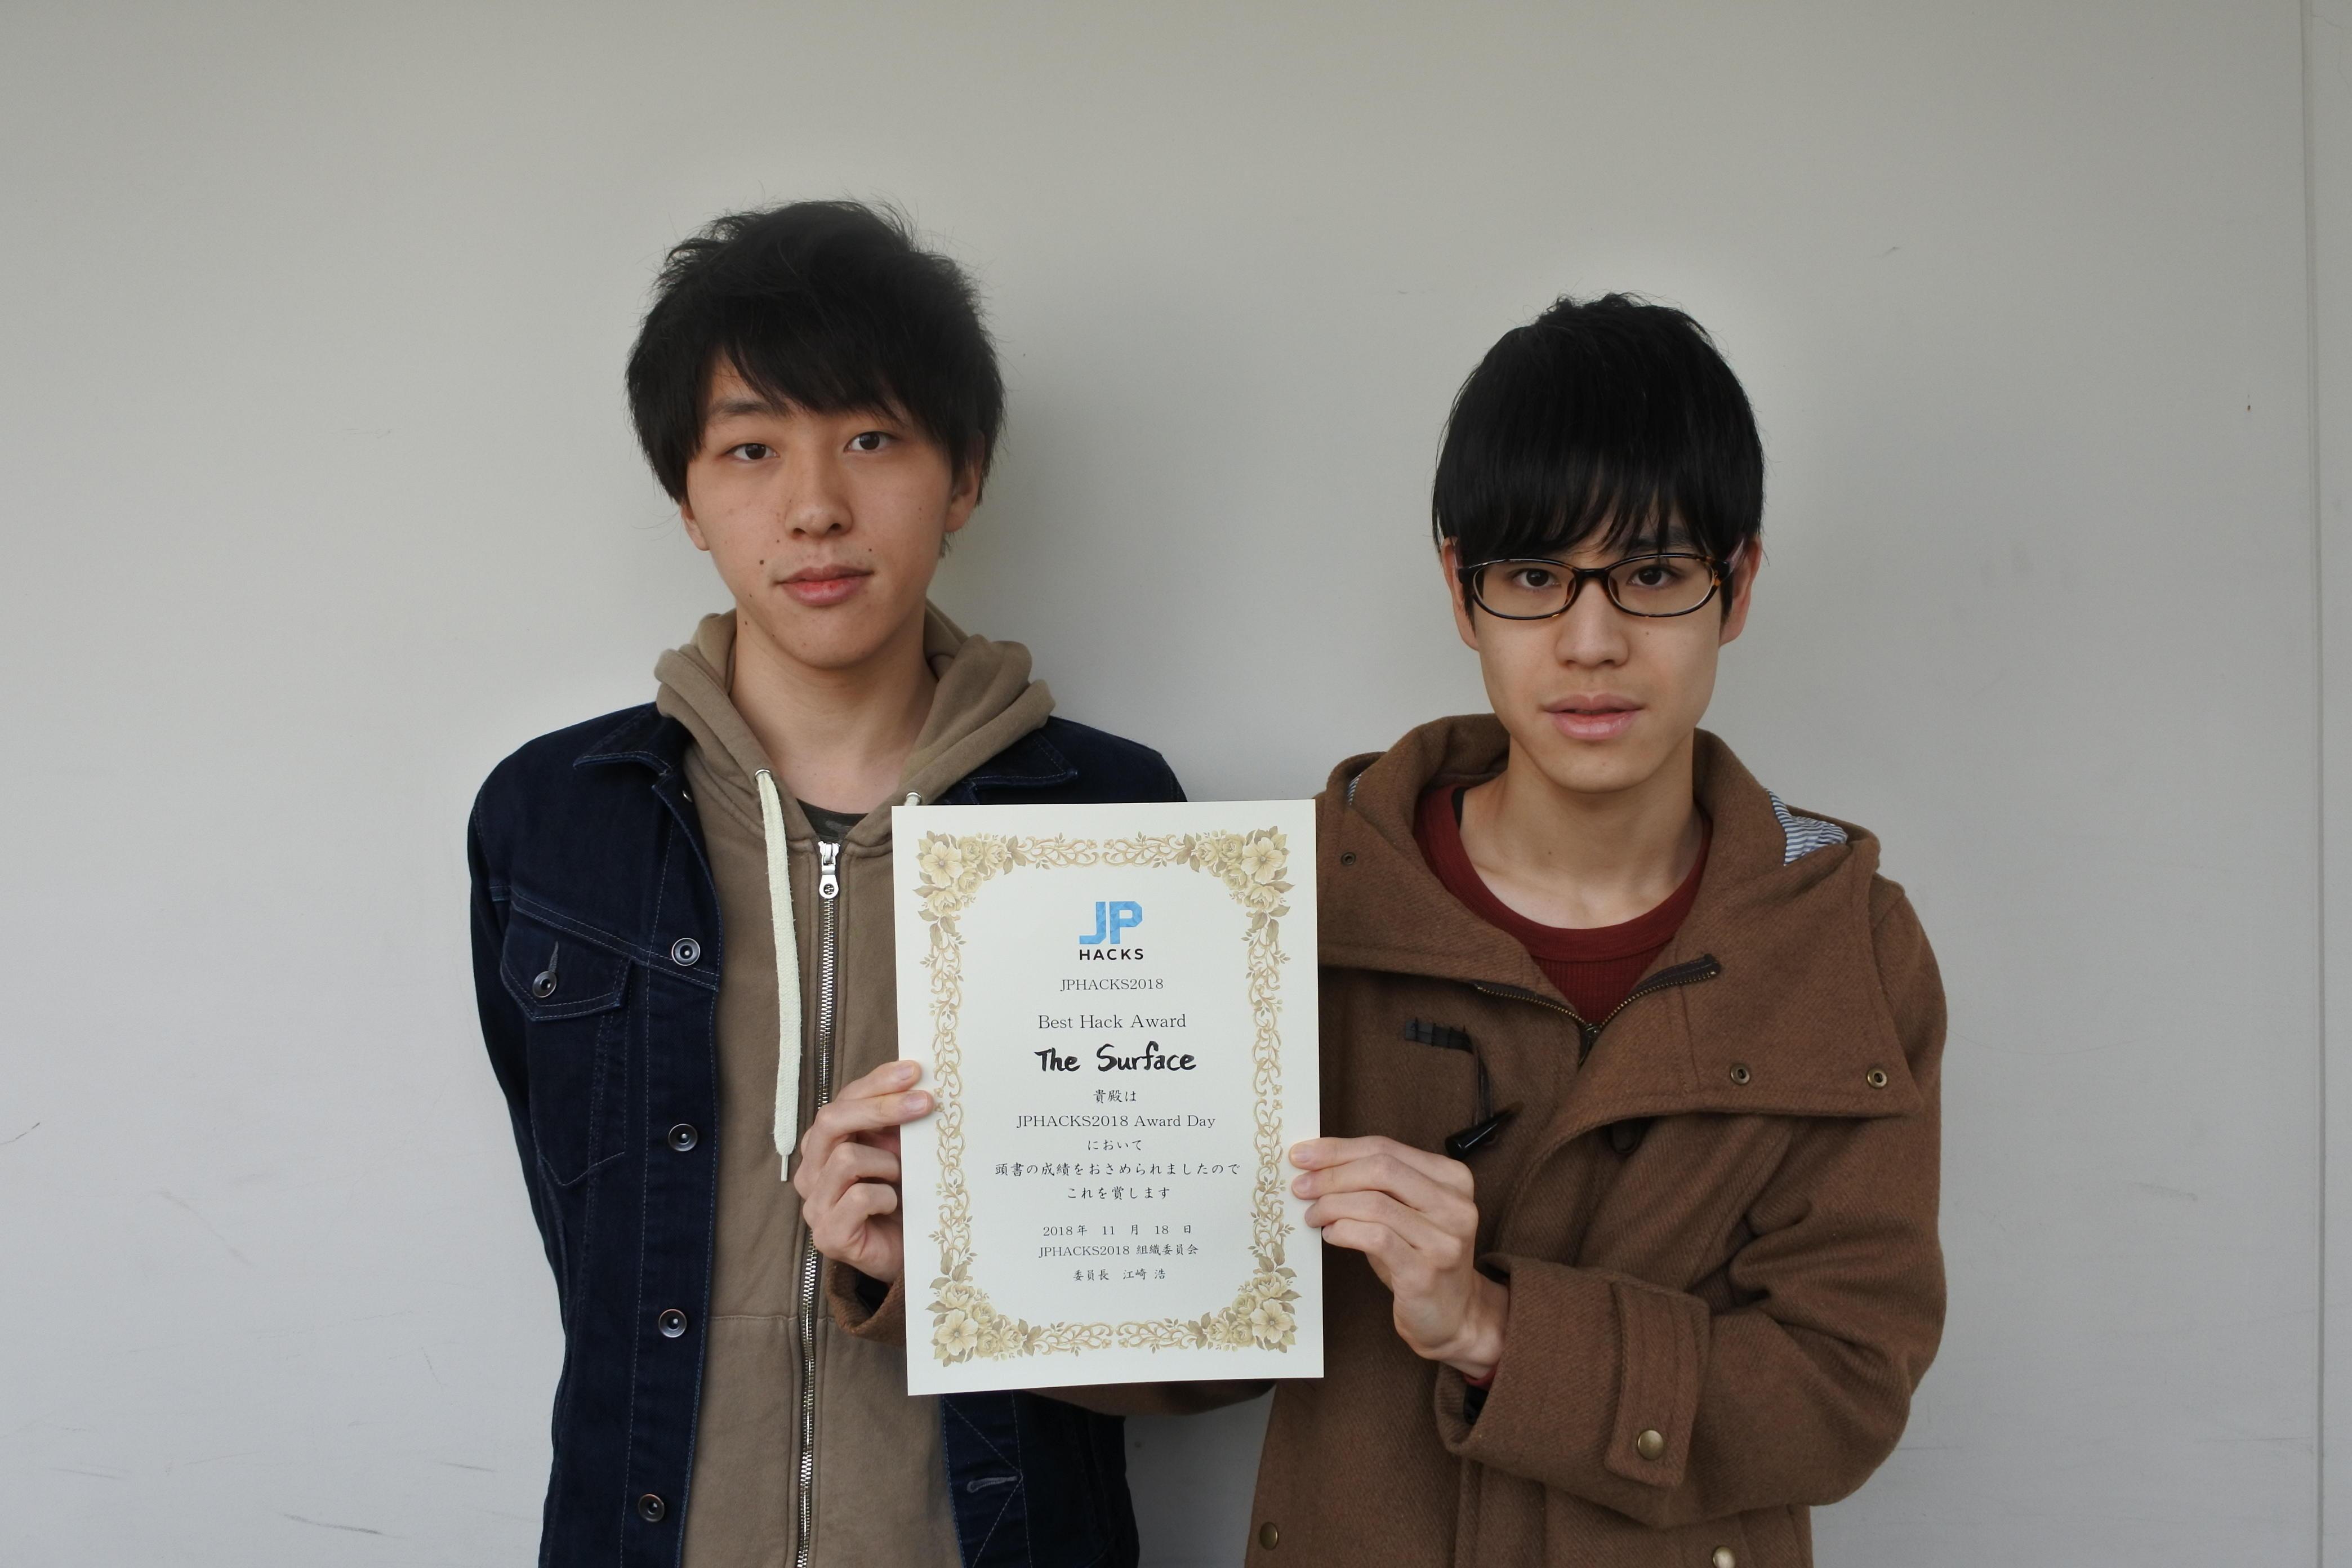 賞状を手にする池田武史さん(左)と木村信裕さん